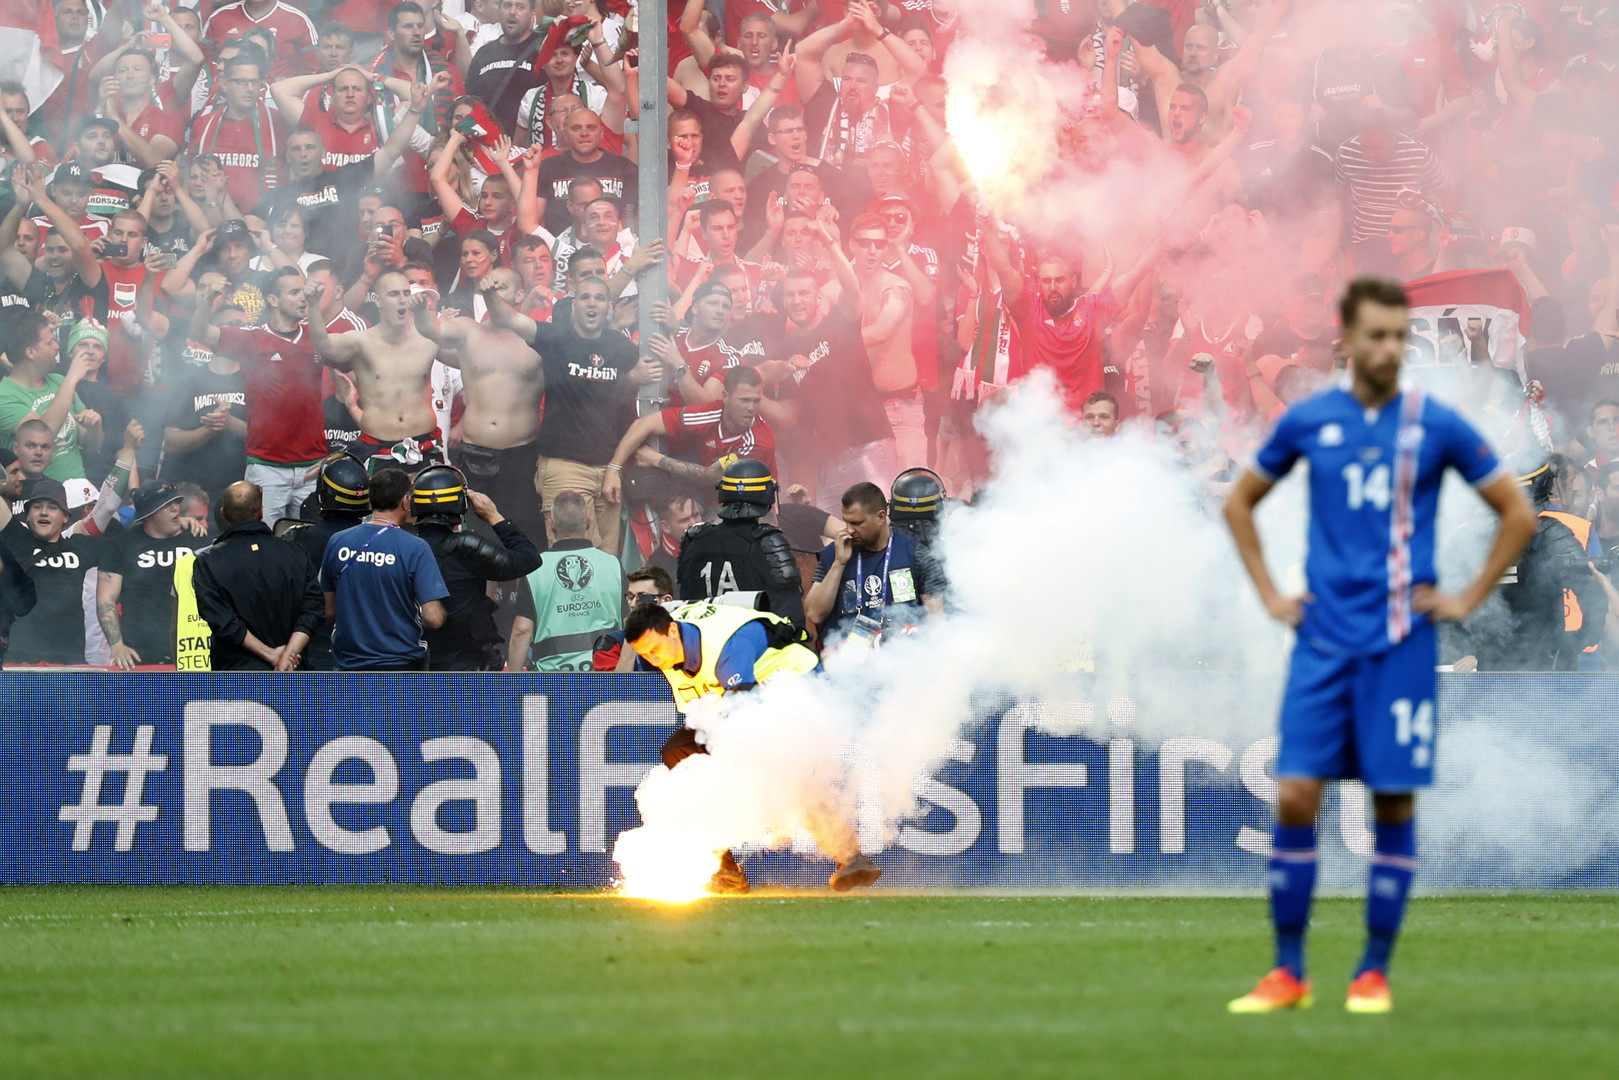 Euro 2016 : Procédures disciplinaires contre la Hongrie, la Belgique et le Portugal (VIDEOS)